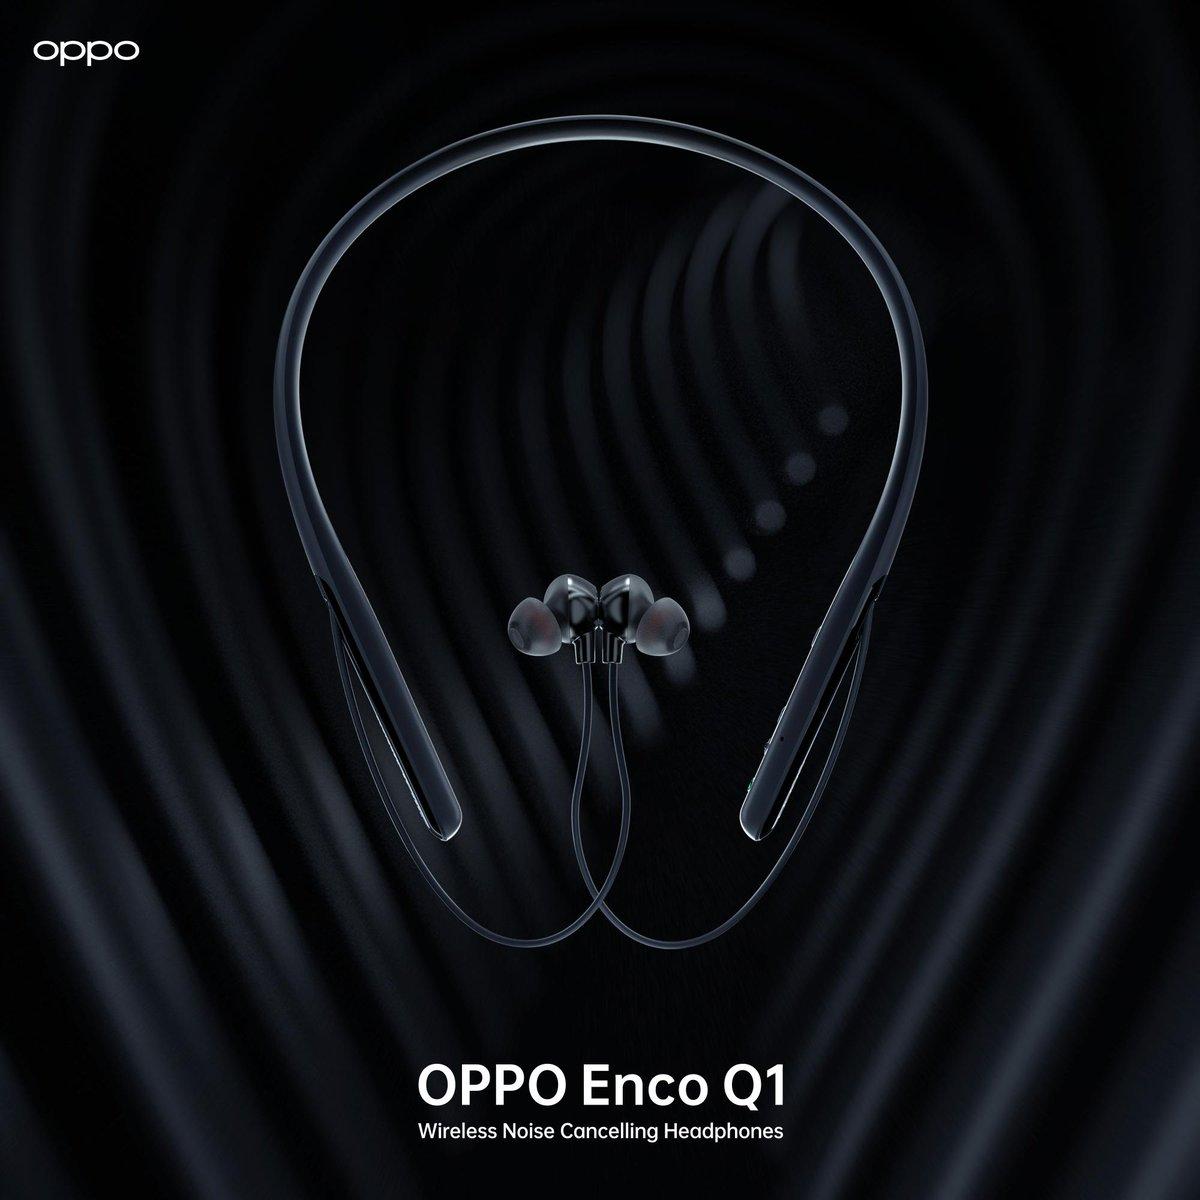 OPPO India on Twitter: